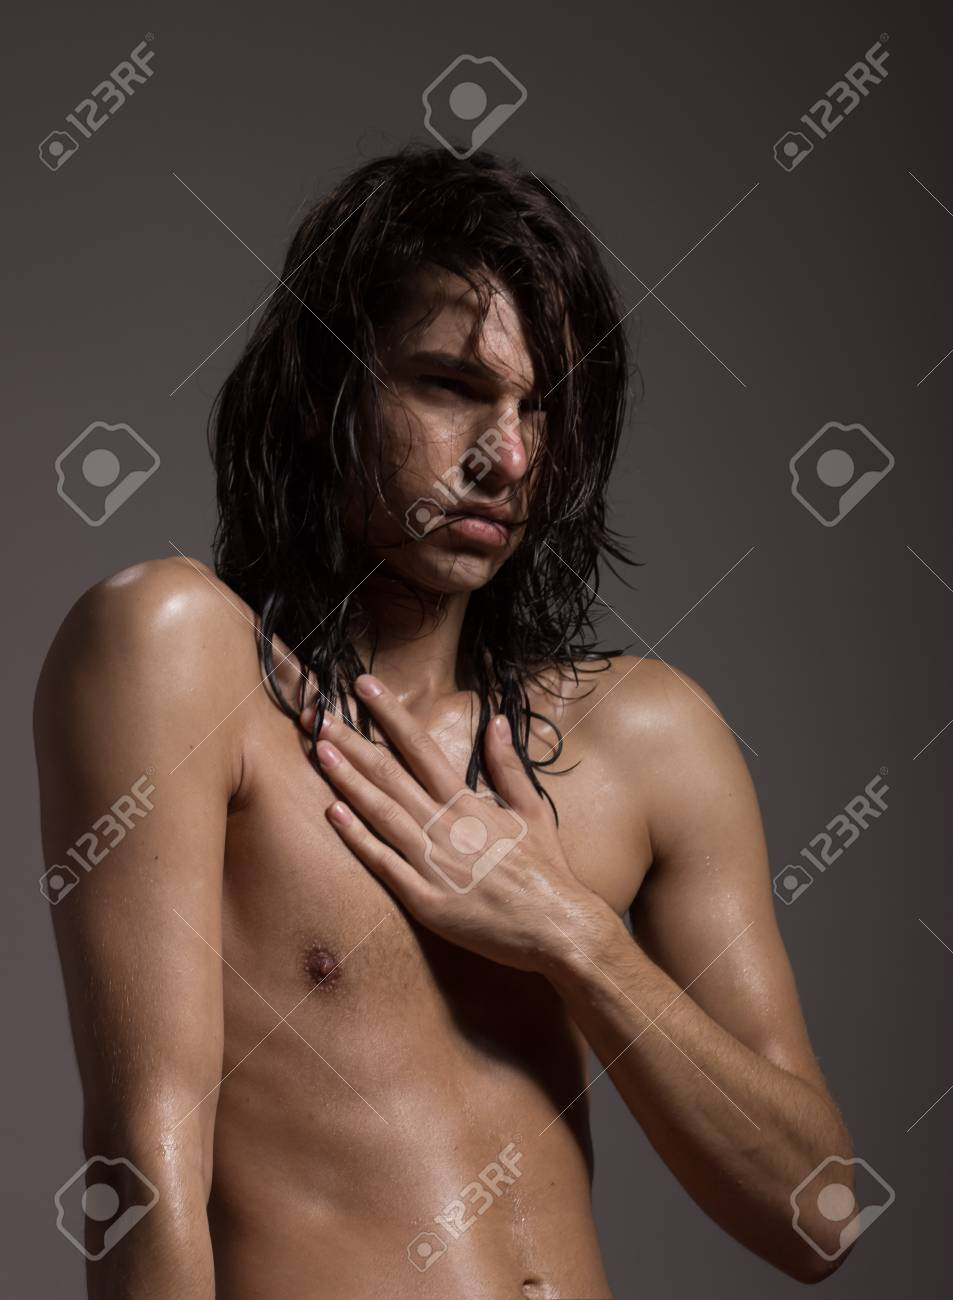 doys sexsin neked girels